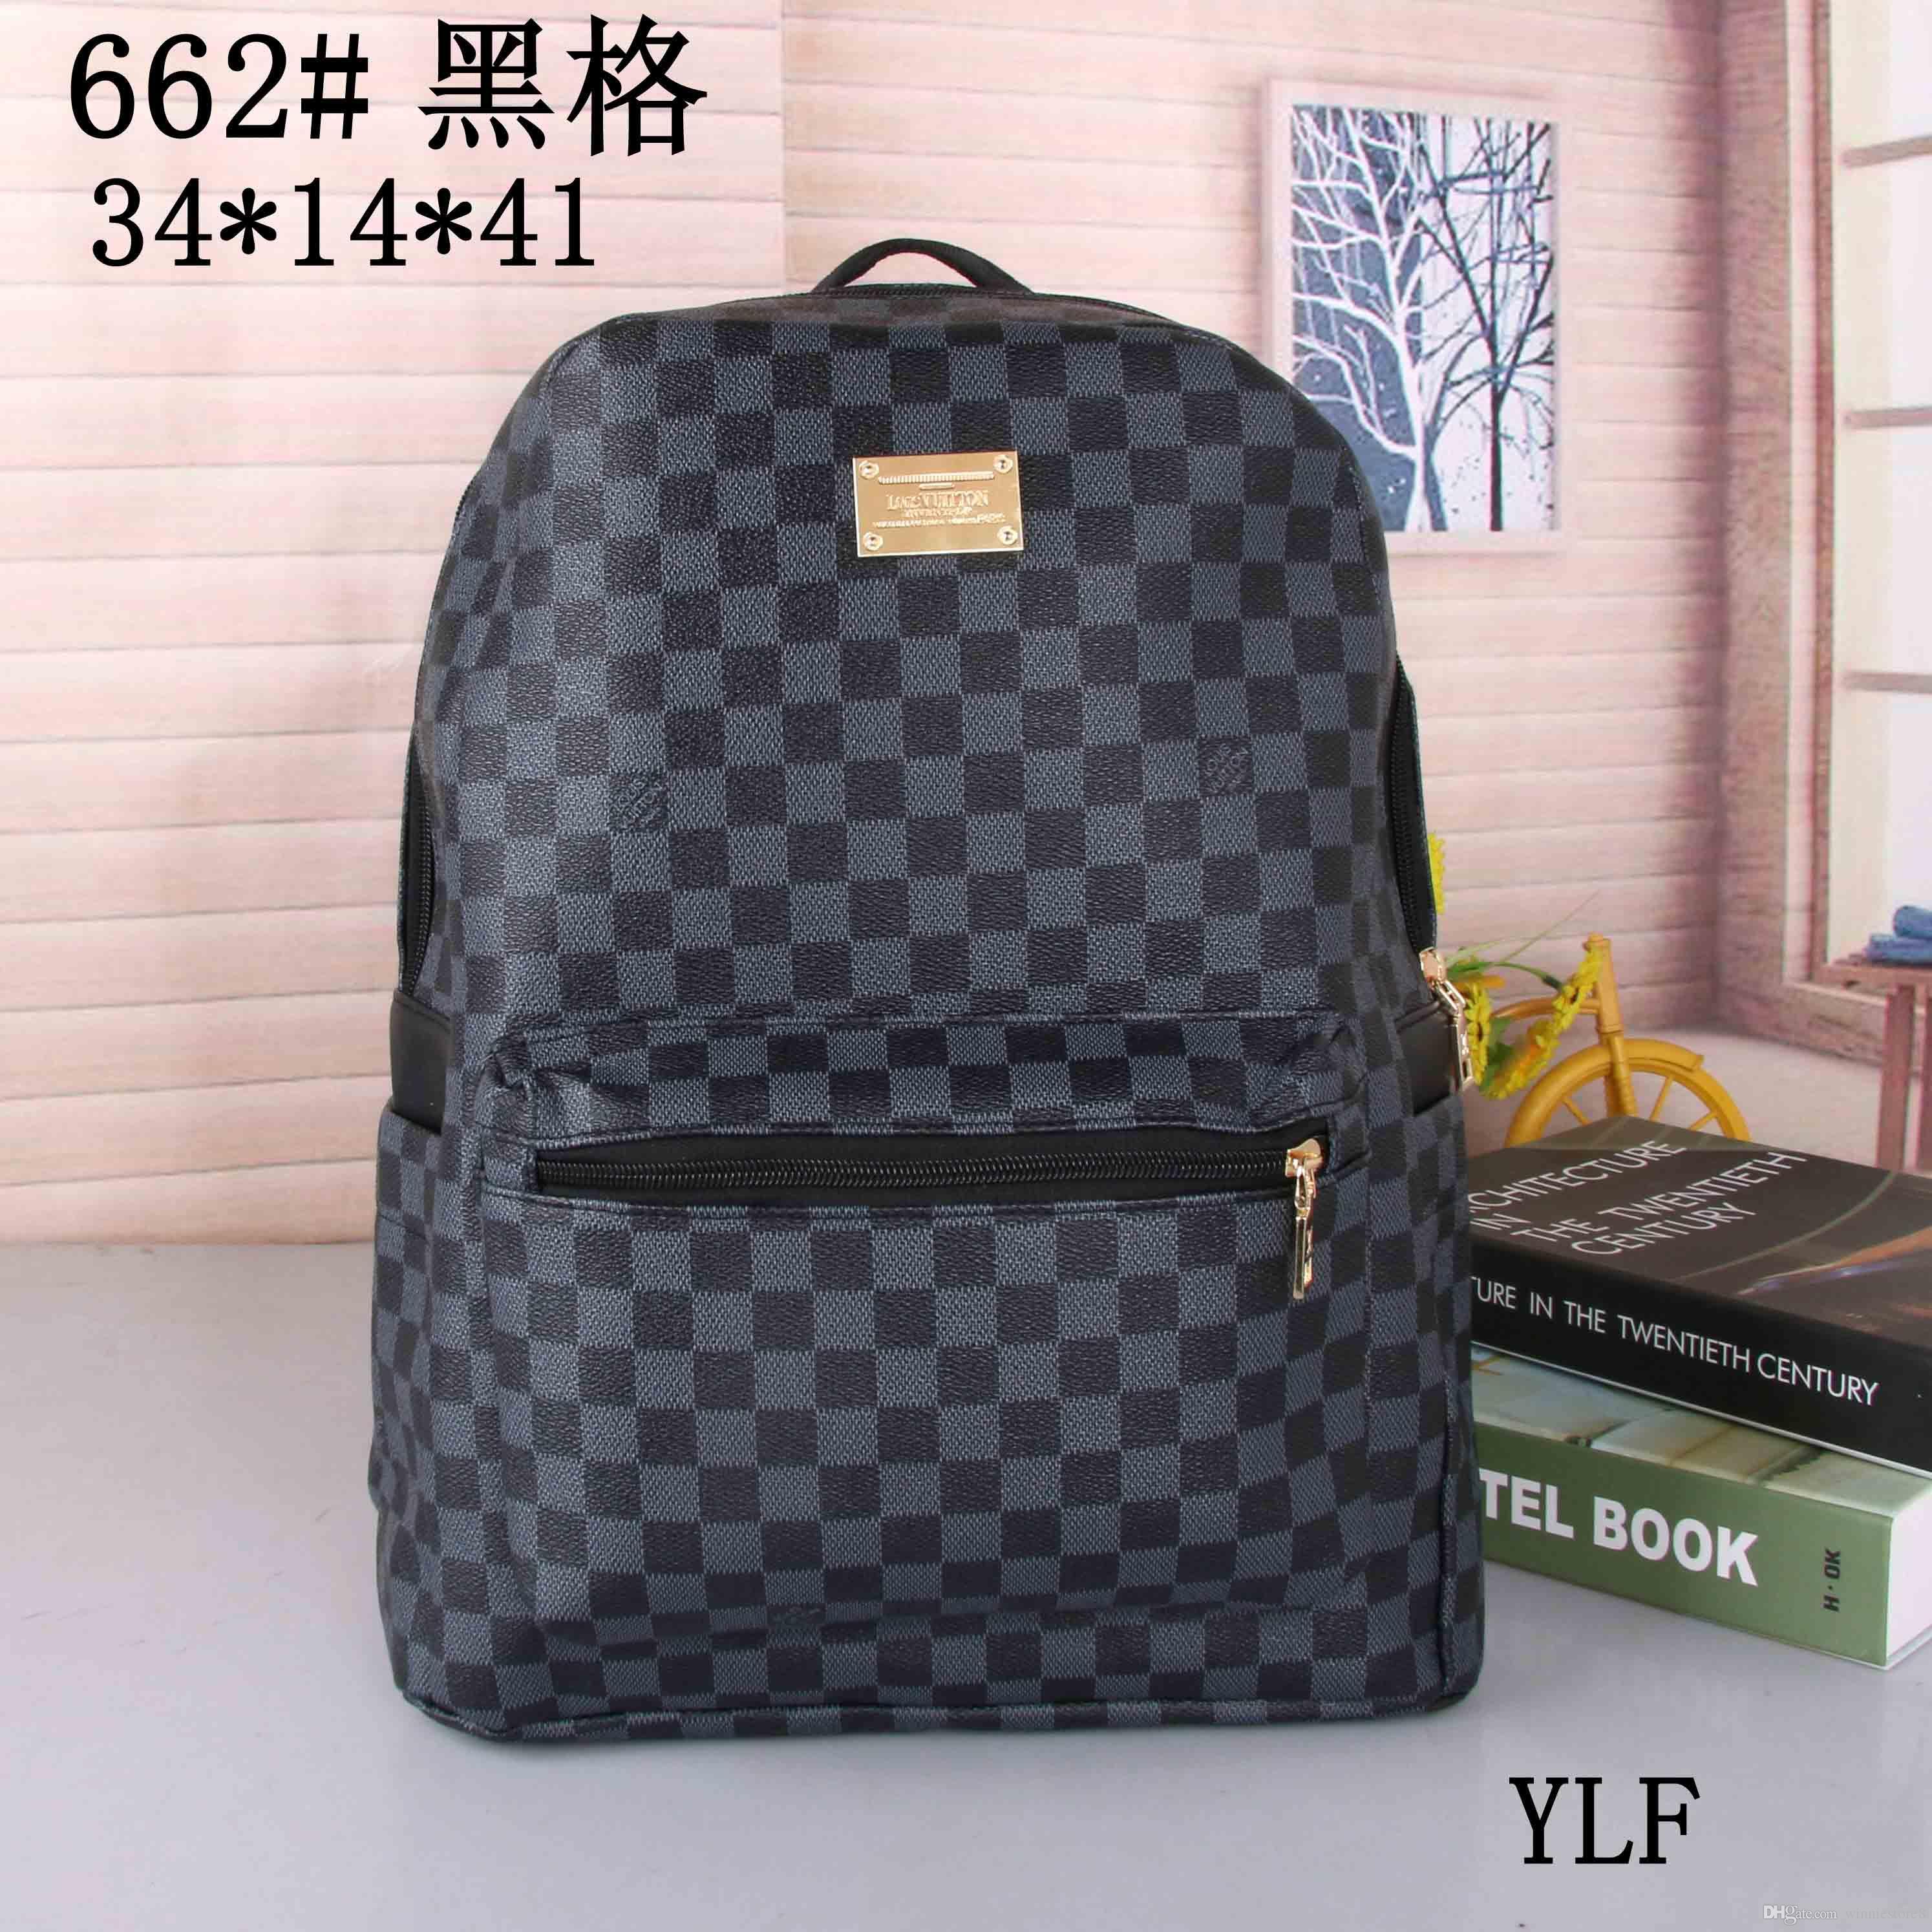 Оптовая и розничная торговля классический стиль моды женщин сумки рюкзак стиль сумка Леди сумки Сумки (3 цвета для выбора) #0662